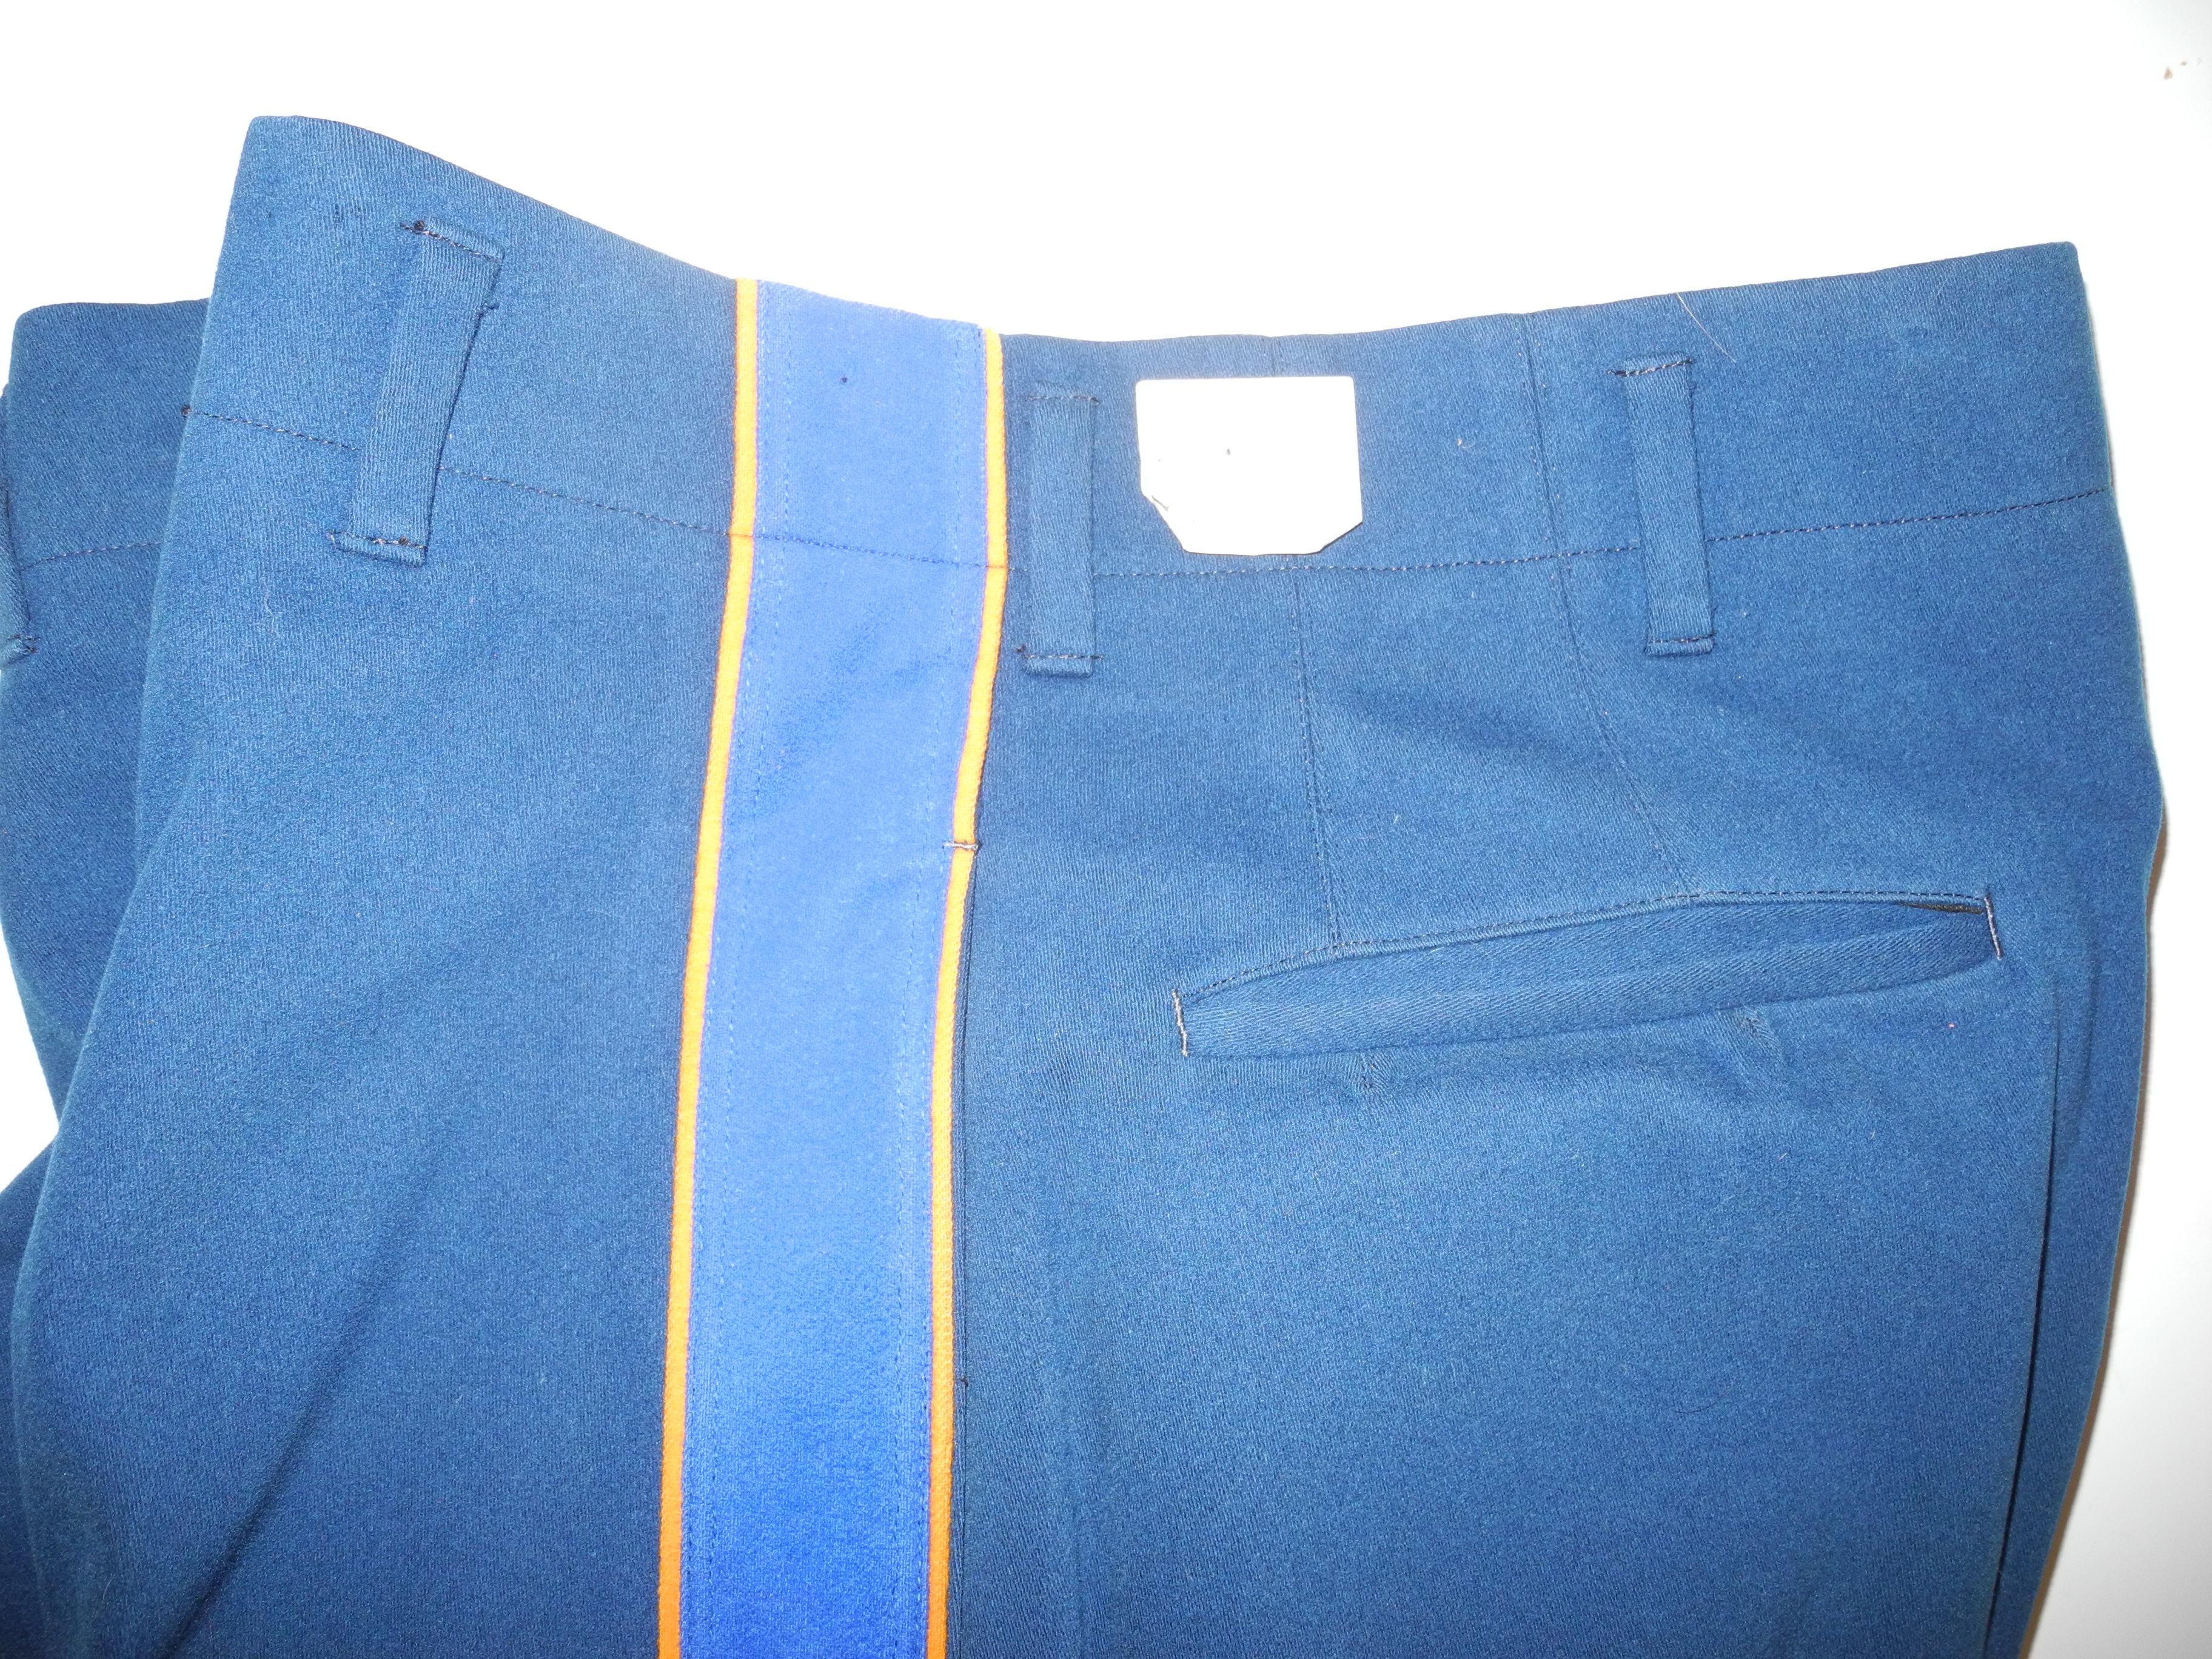 WWII era US Army Dress trousers